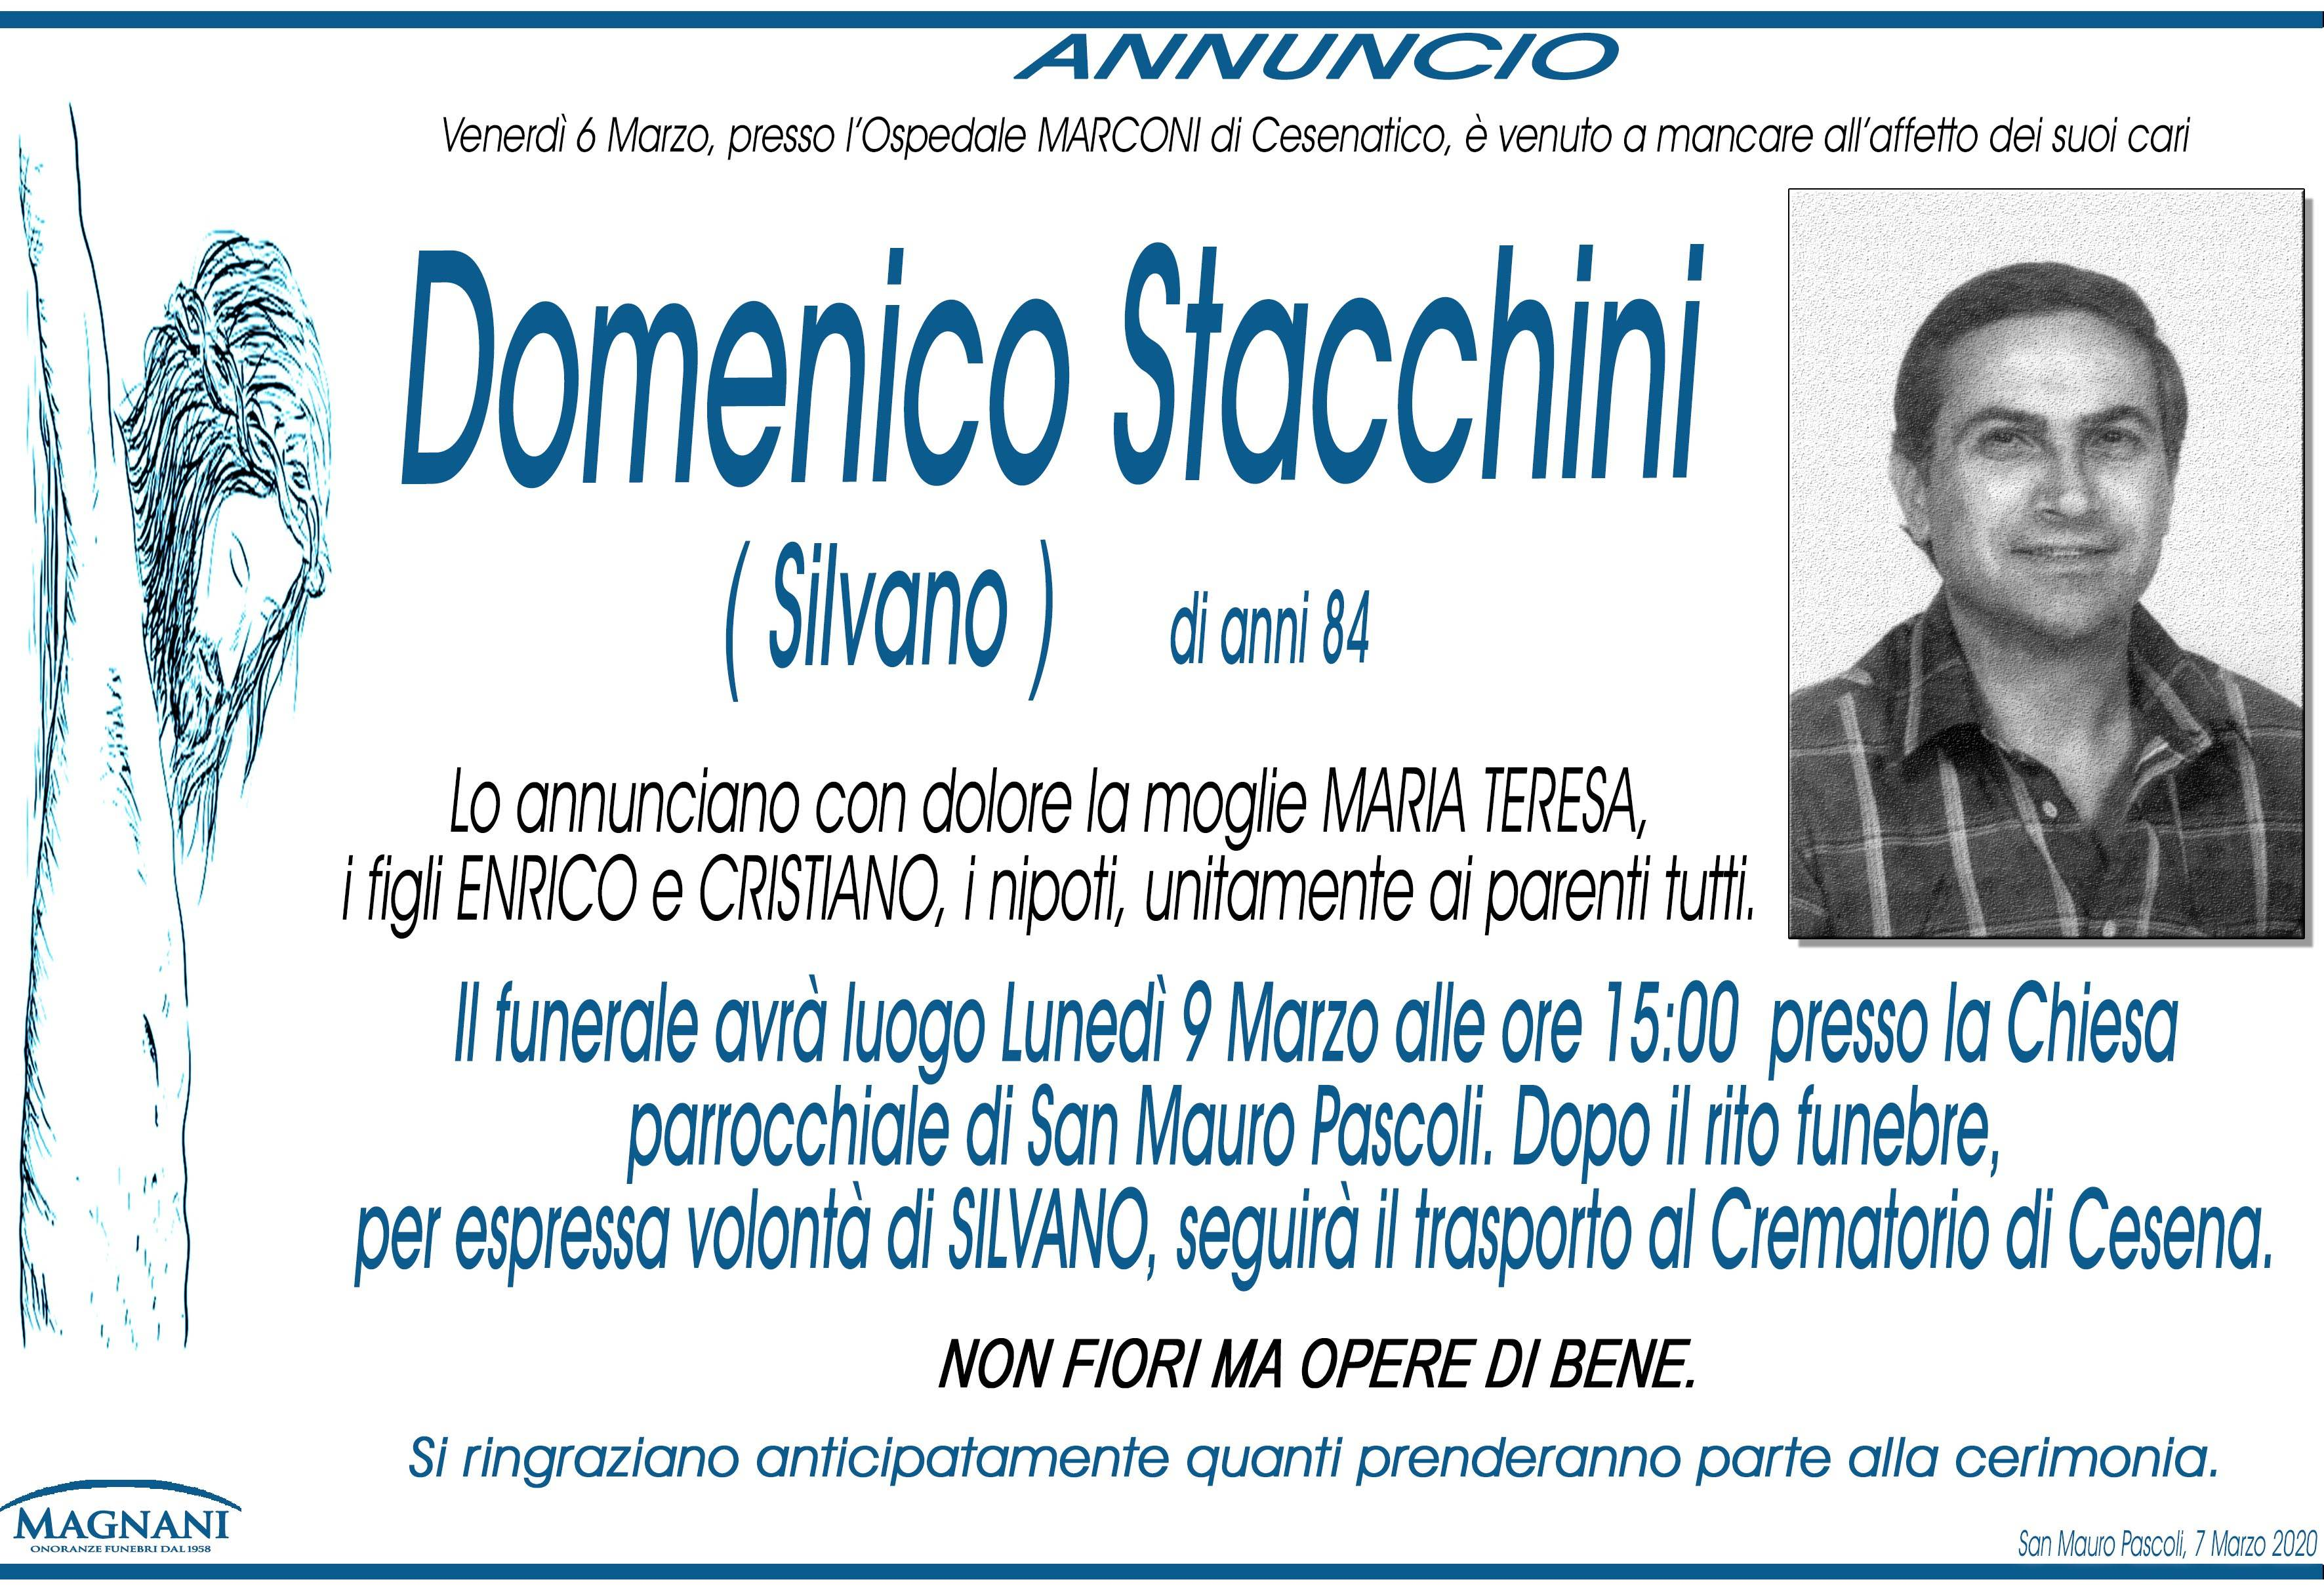 Domenico Stacchini